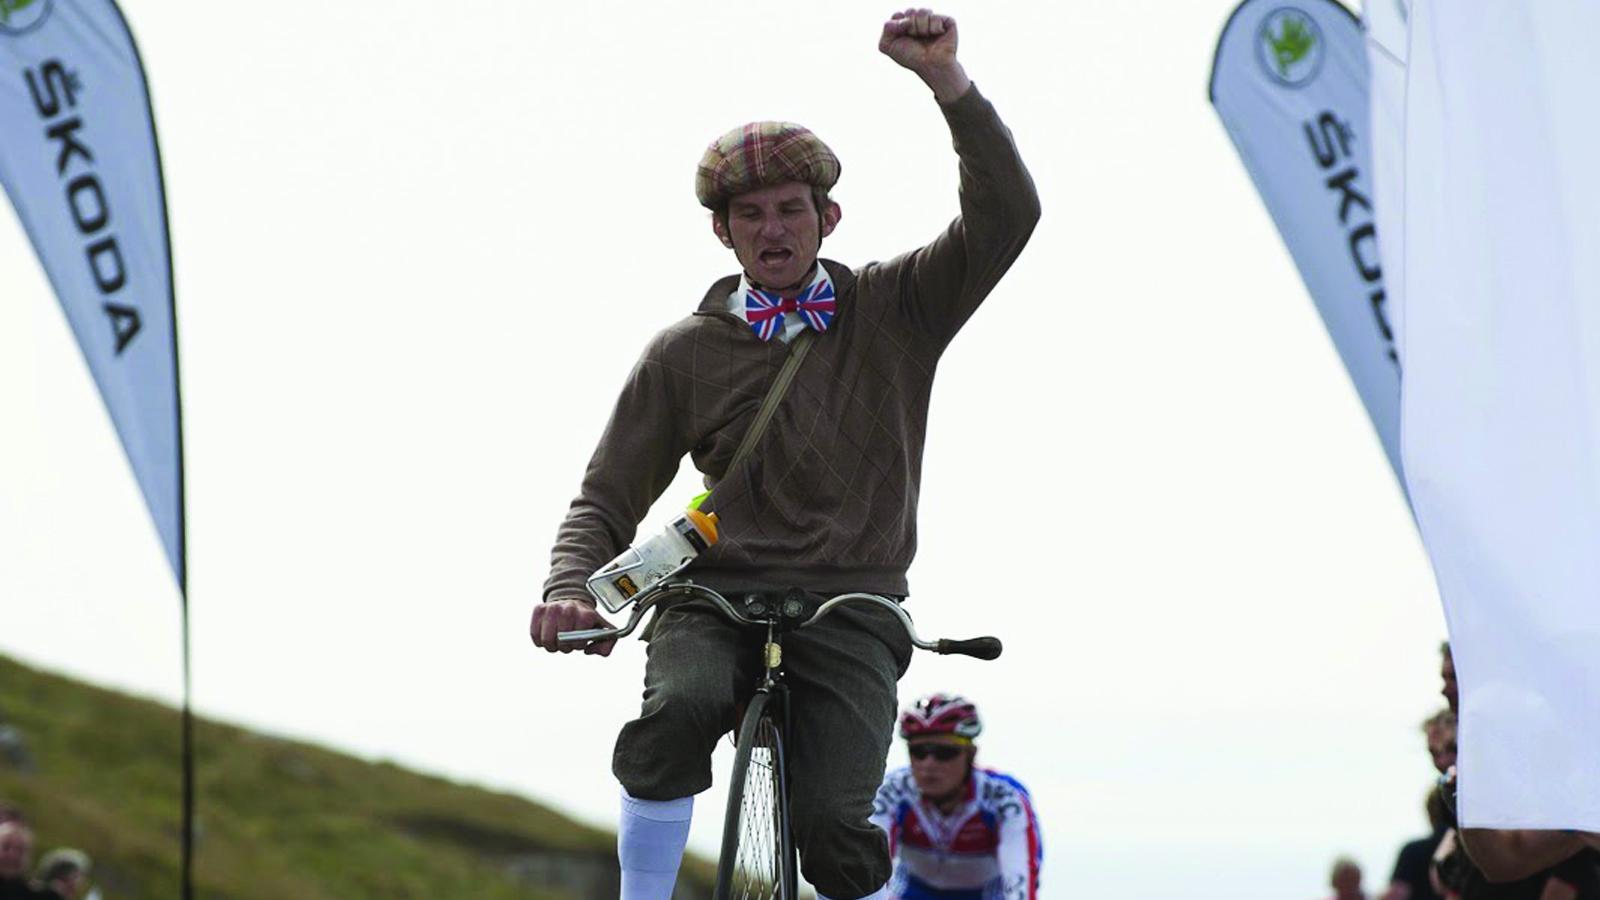 Tour of Britain Pershore